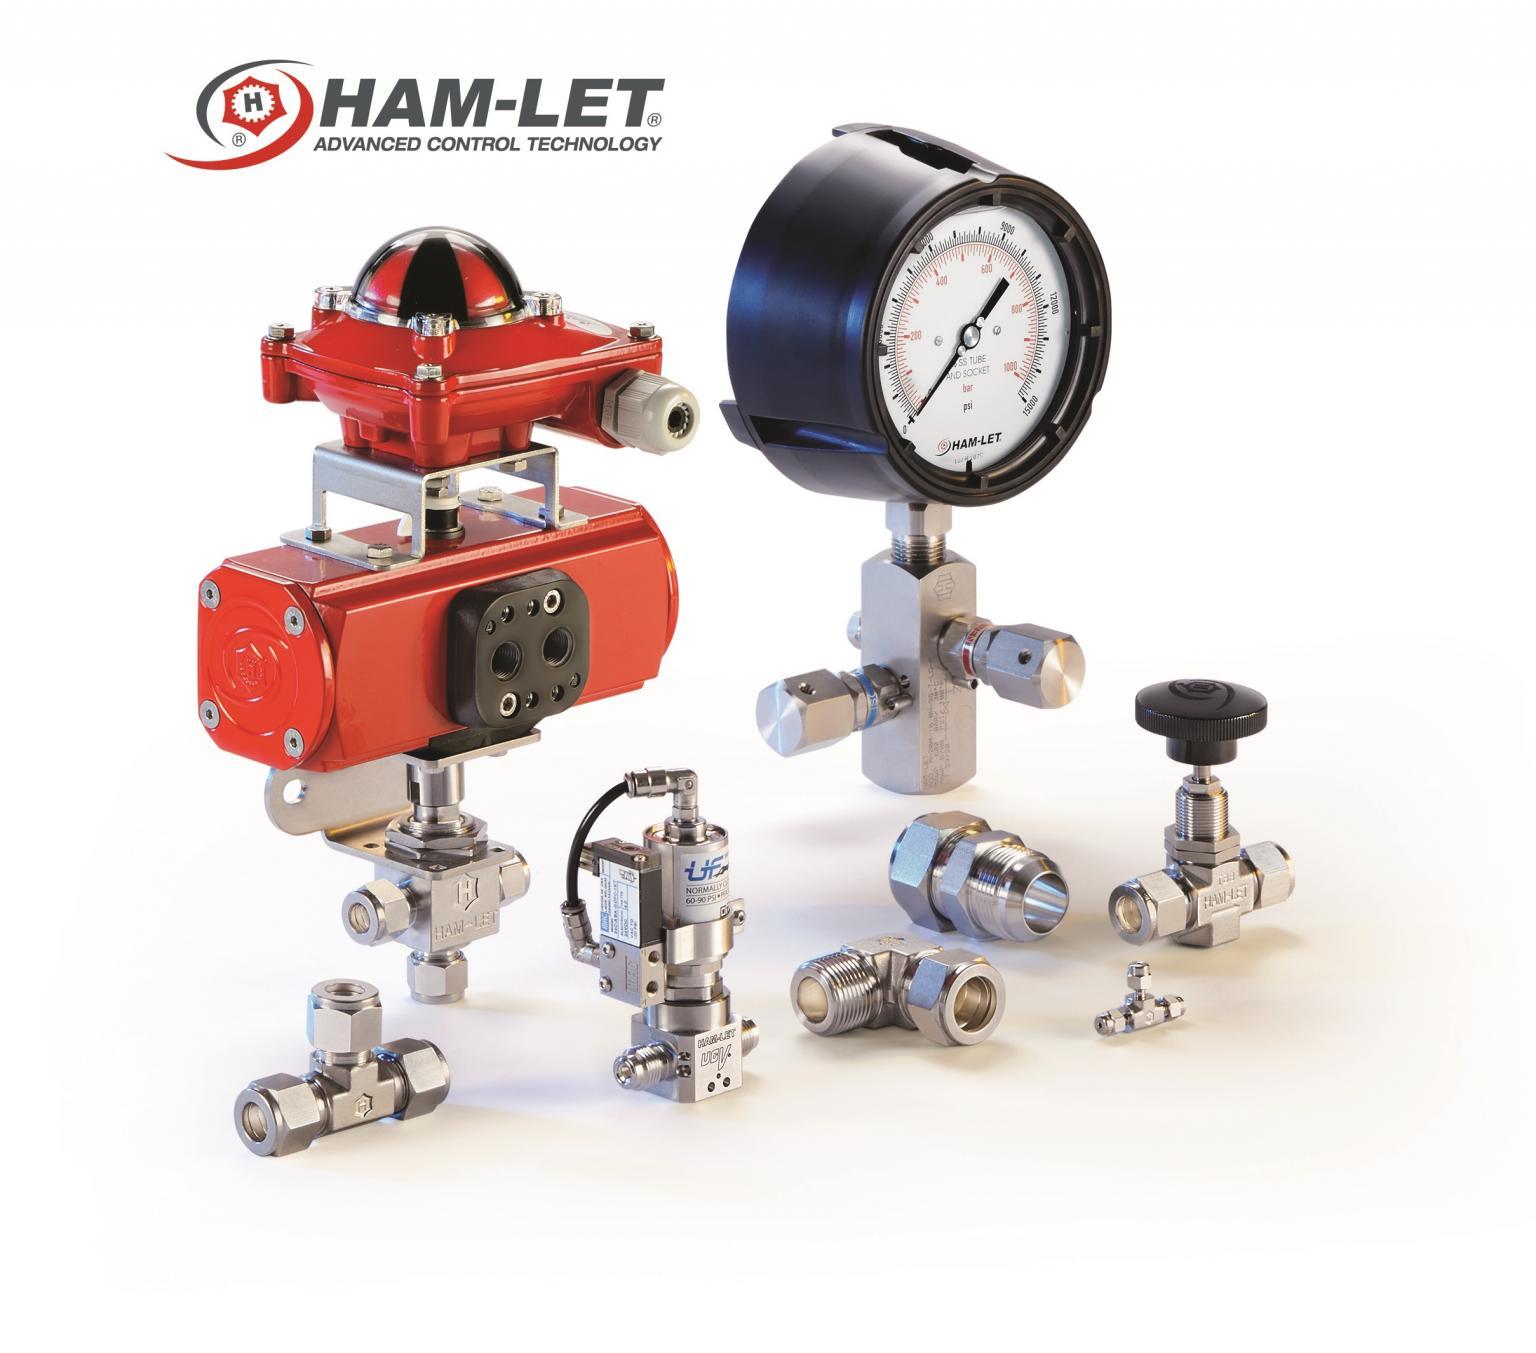 HAM-LET H-99 Severe Service Needle Valves